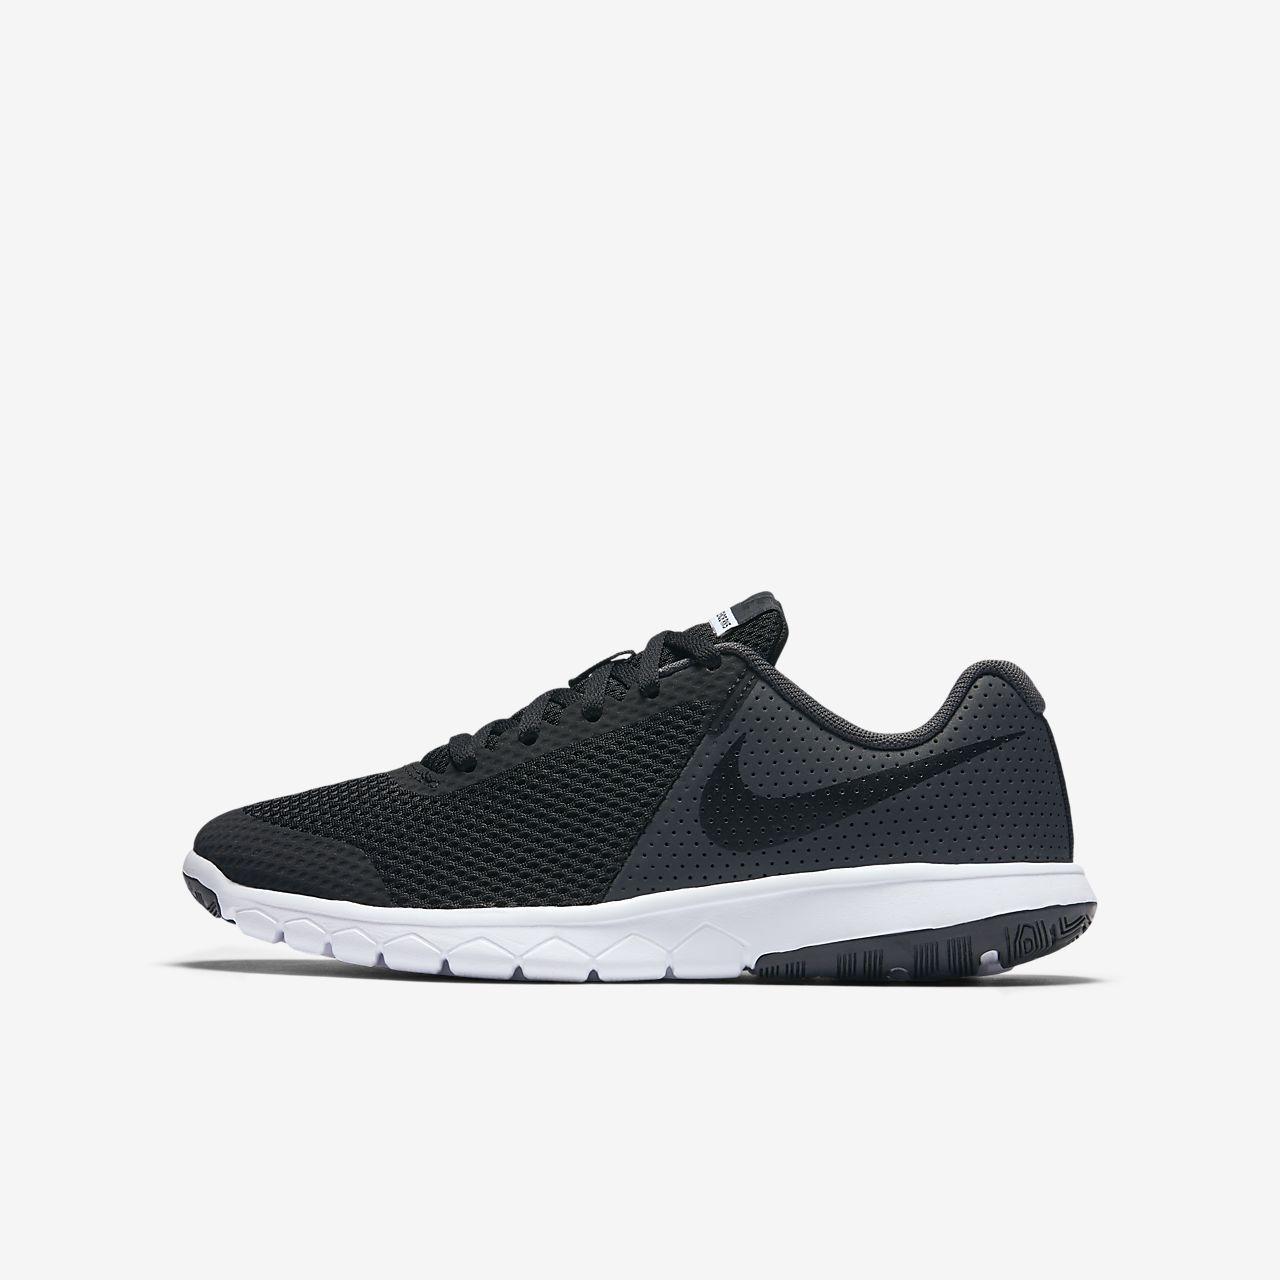 premium selection 7f1ed 5c5d1 ... Chaussure de running Nike Flex Experience 5 pour Enfant plus âgé